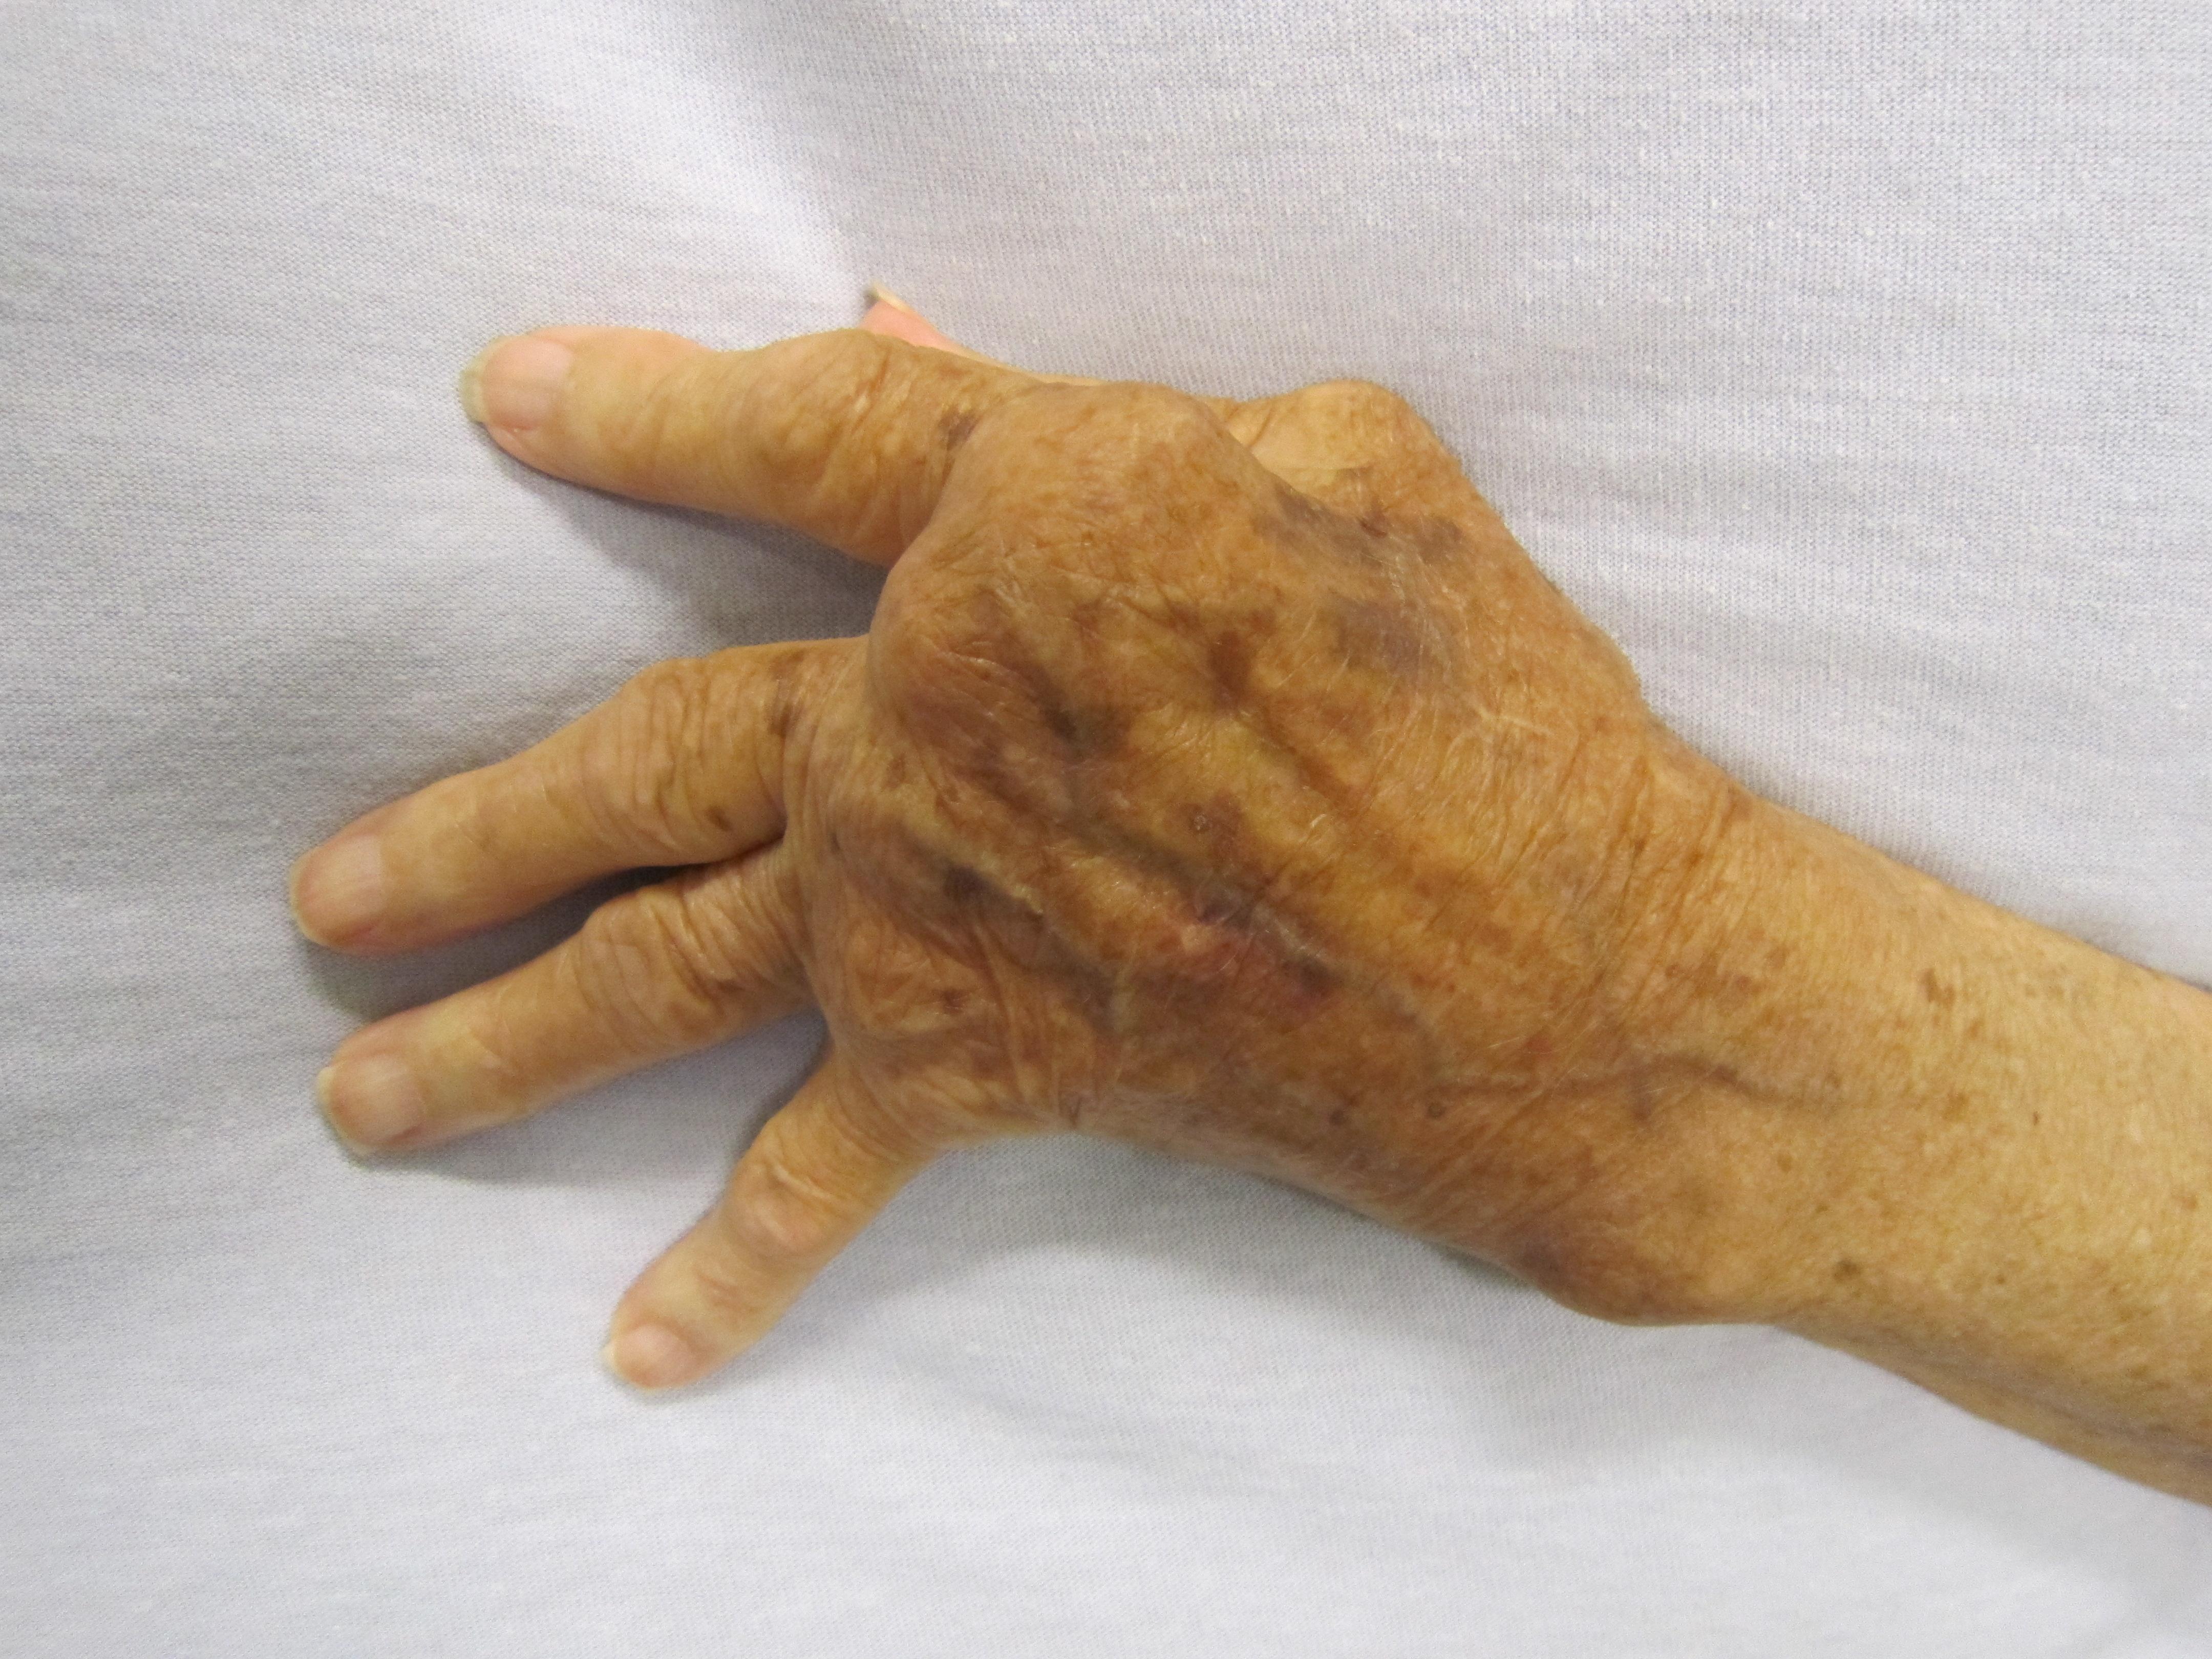 rheumatoid arthritis ízületi betegség)